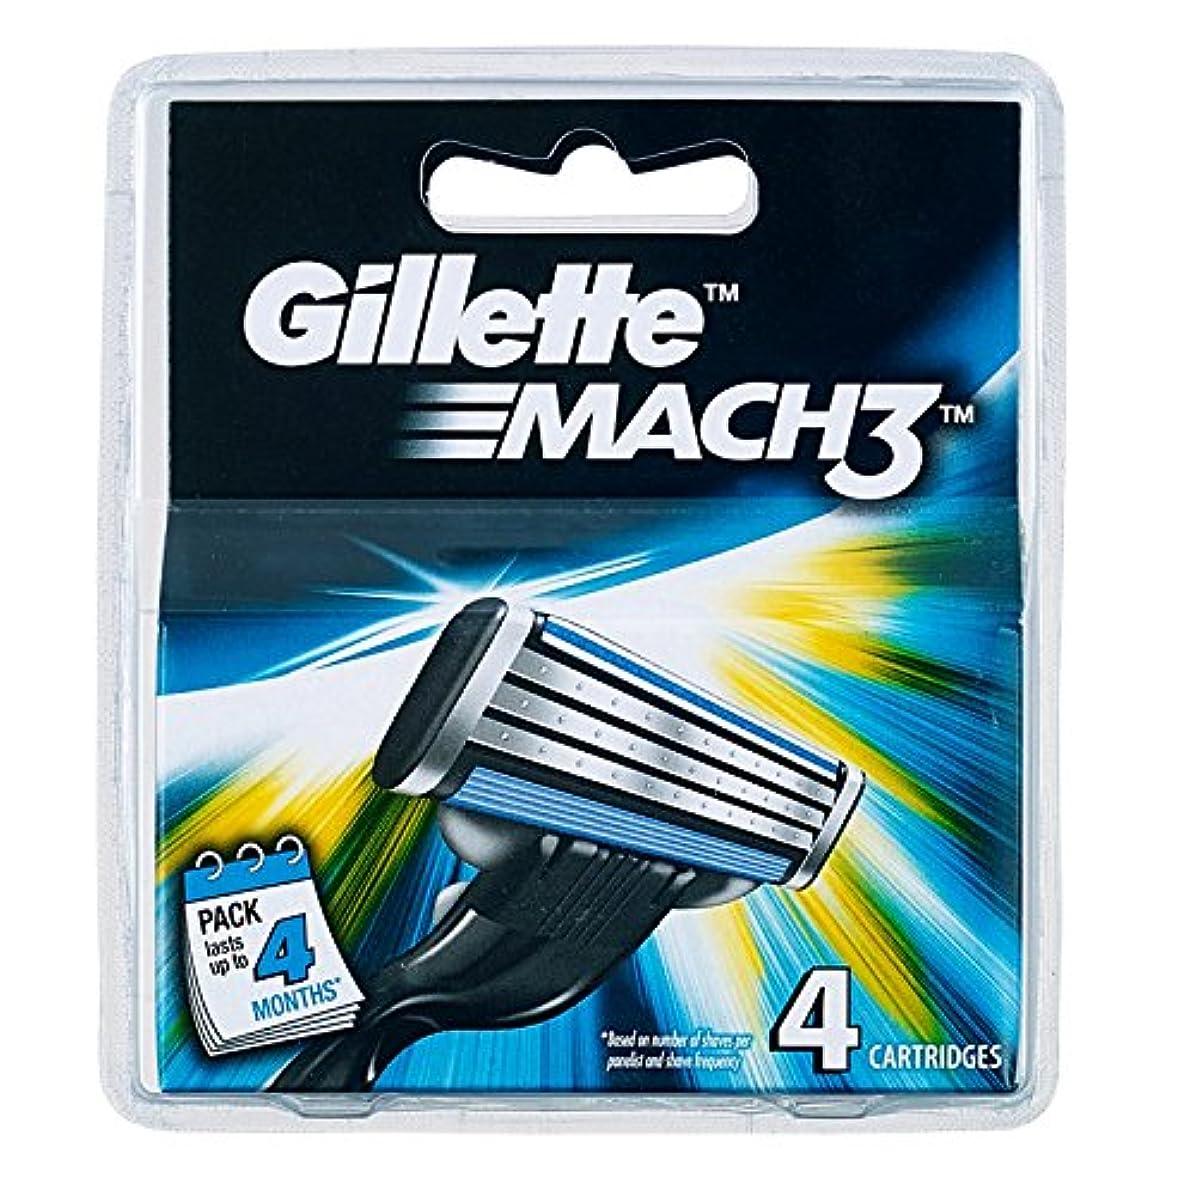 バーストゴミ箱を空にするセントGillette MACH3 SHAVING RAZOR CARTRIDGES BLADES 4 Pack [並行輸入品]